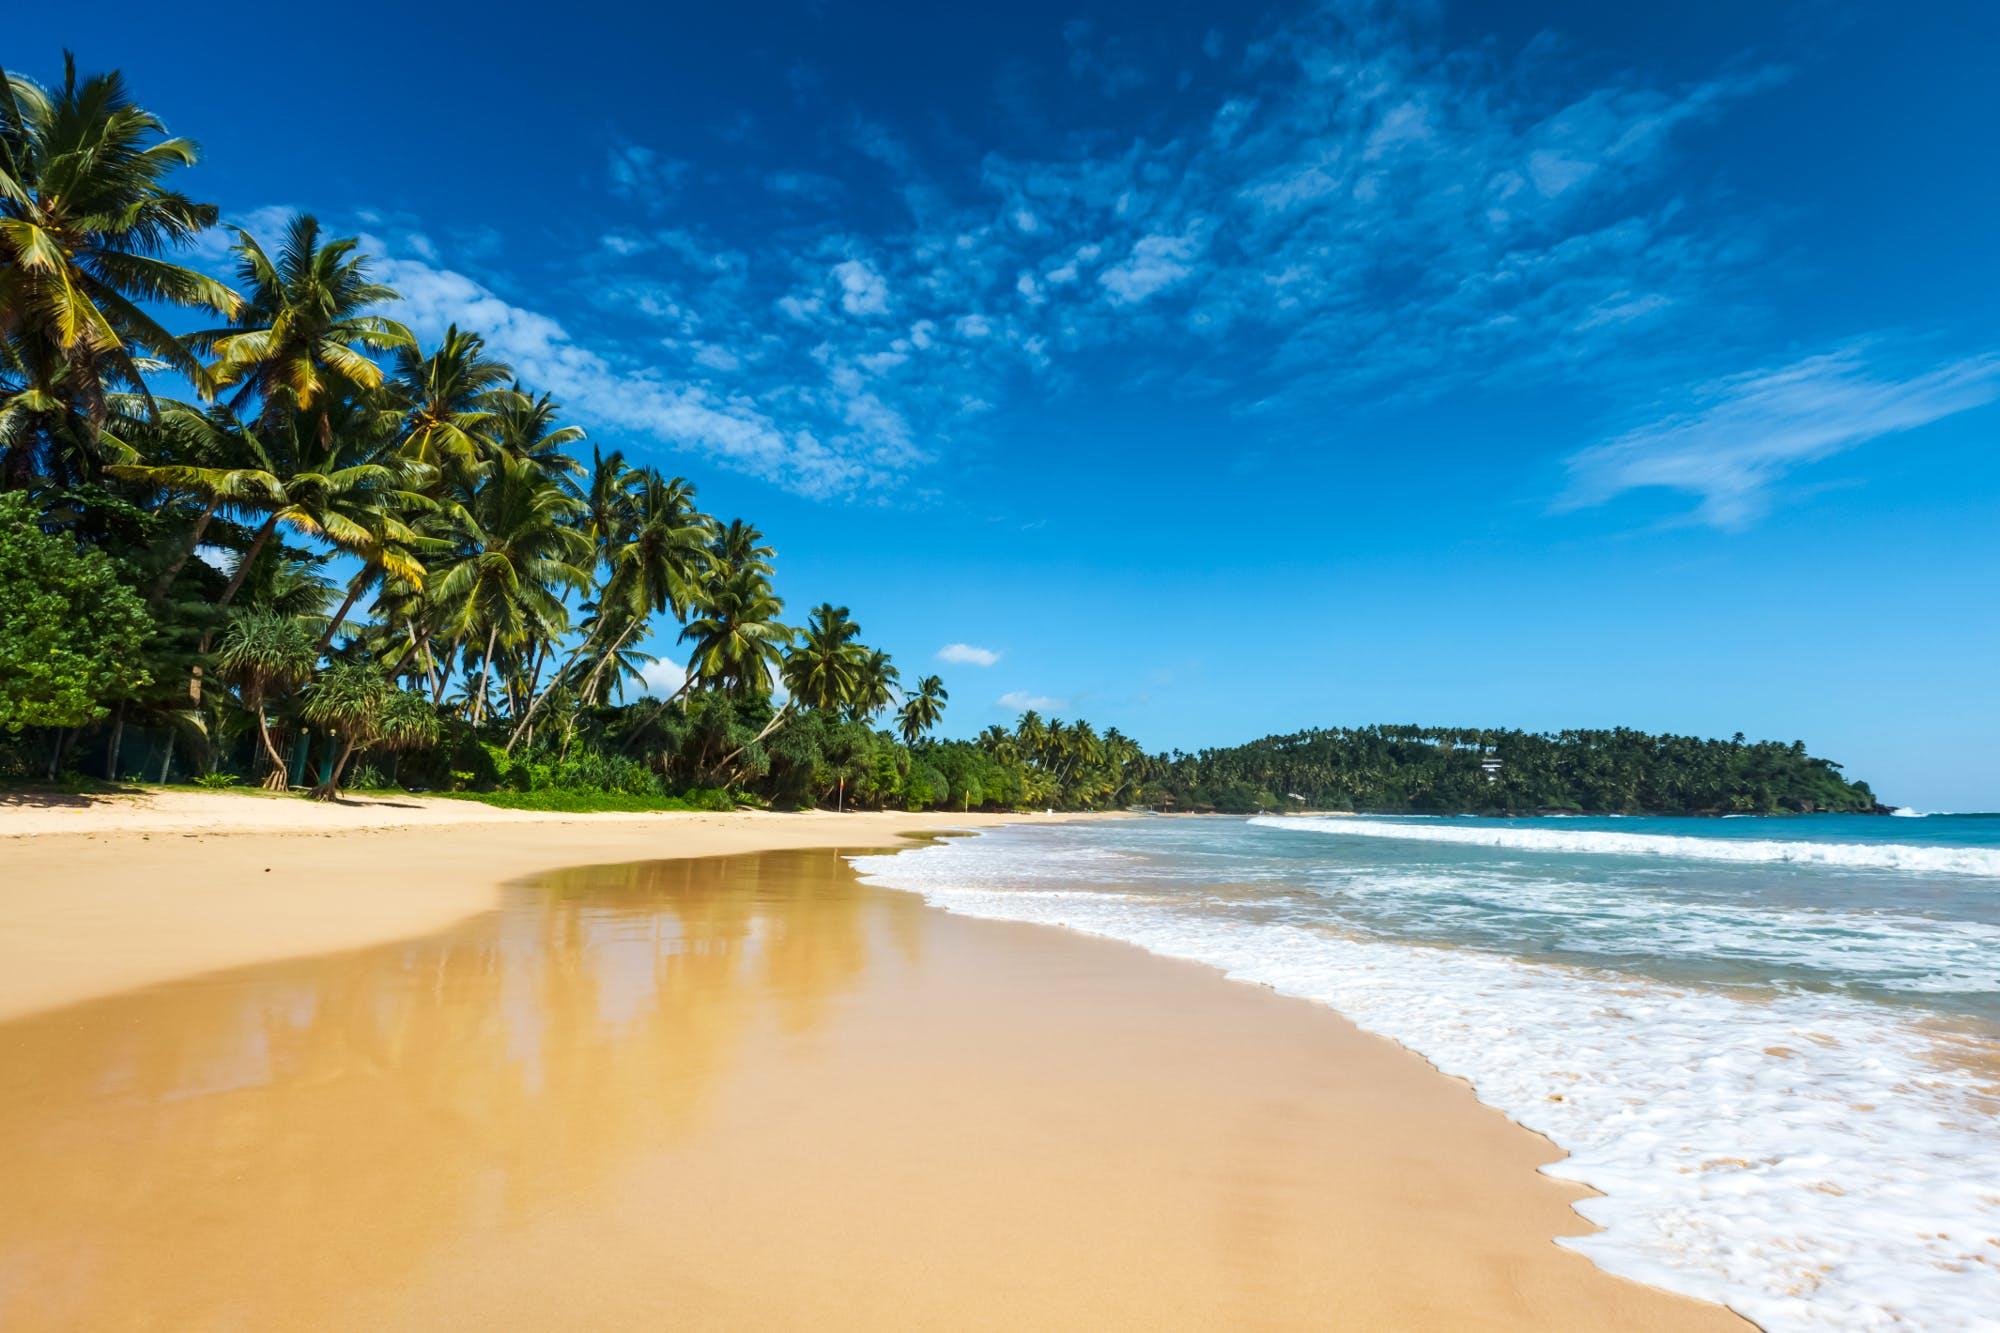 Real Sri Lanka Experience